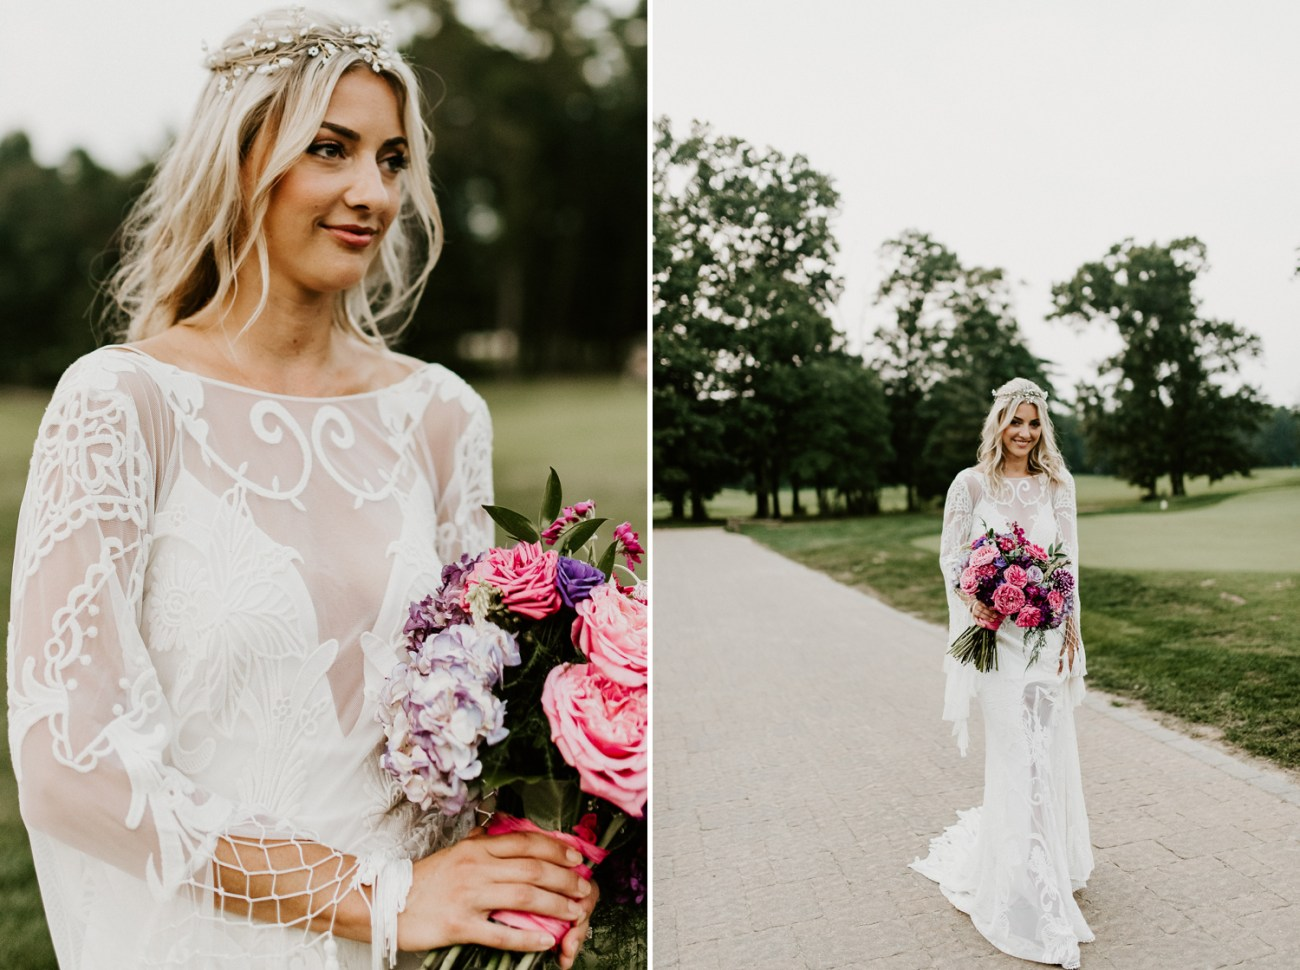 Rue de Seine Wedding gown, Boho-inspired wedding